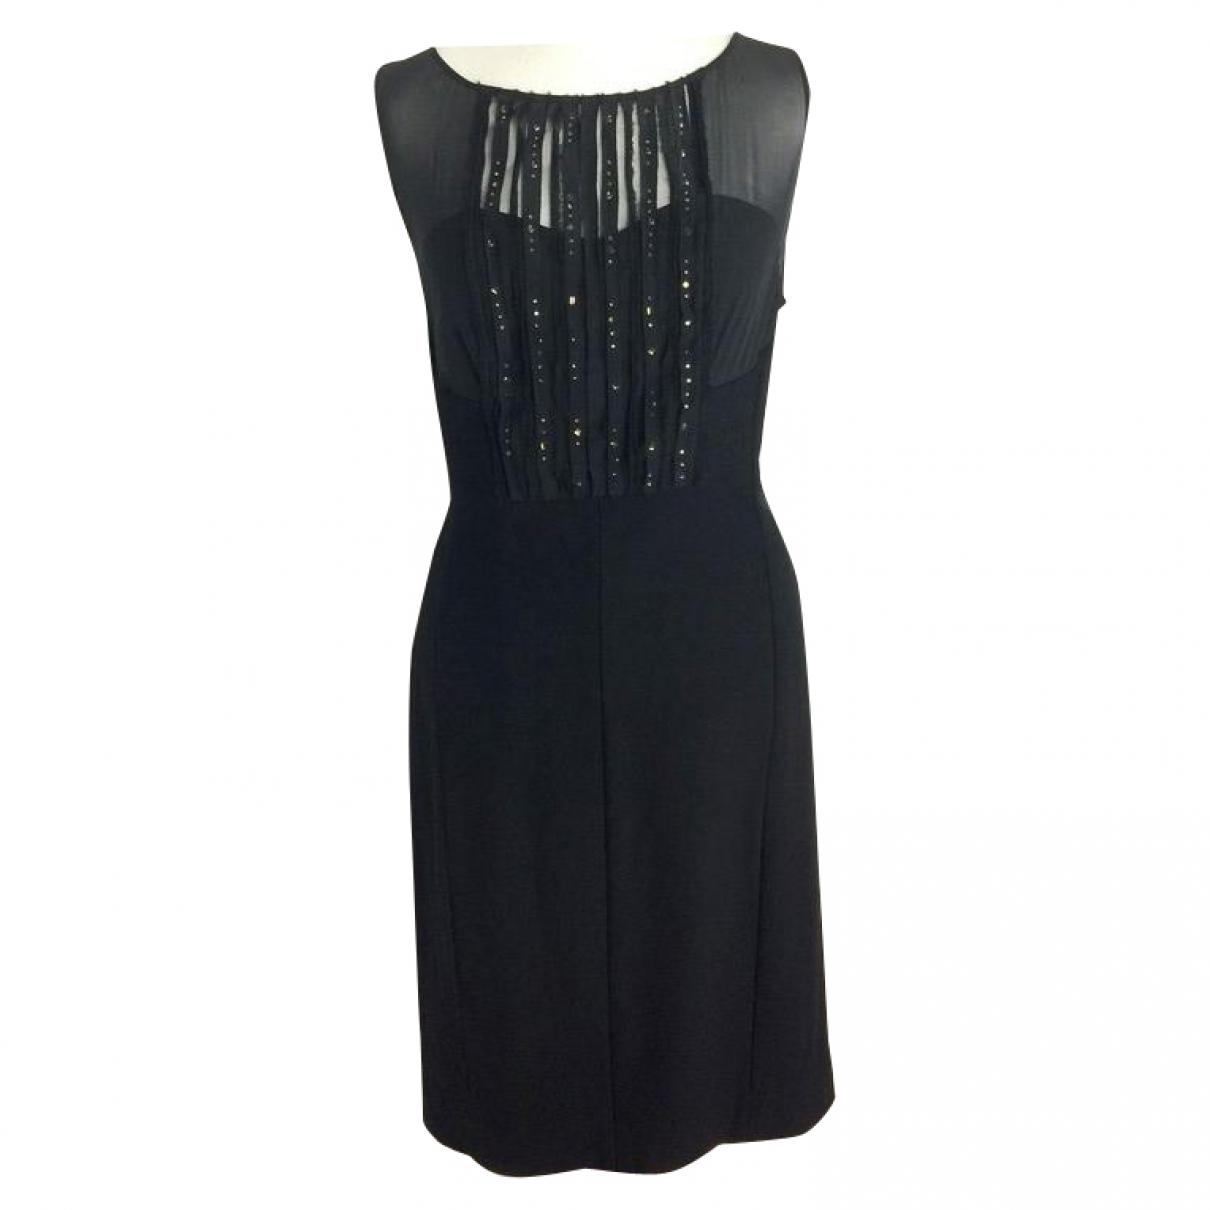 Bcbg Max Azria \N Black dress for Women 12 UK